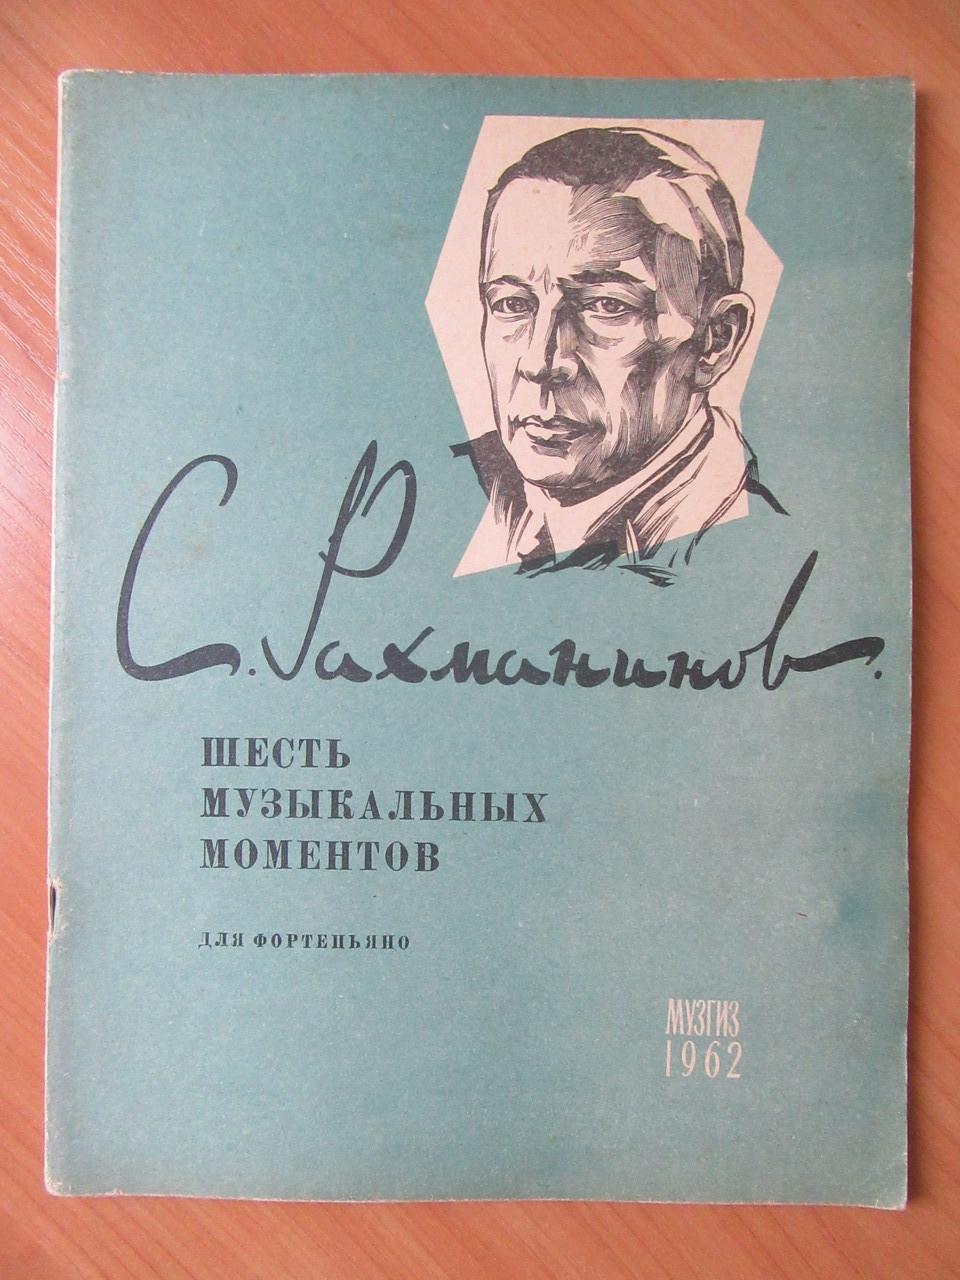 С.Рахманинов. Шесть музыкальных моментов для фортепиано. Музгиз 1962